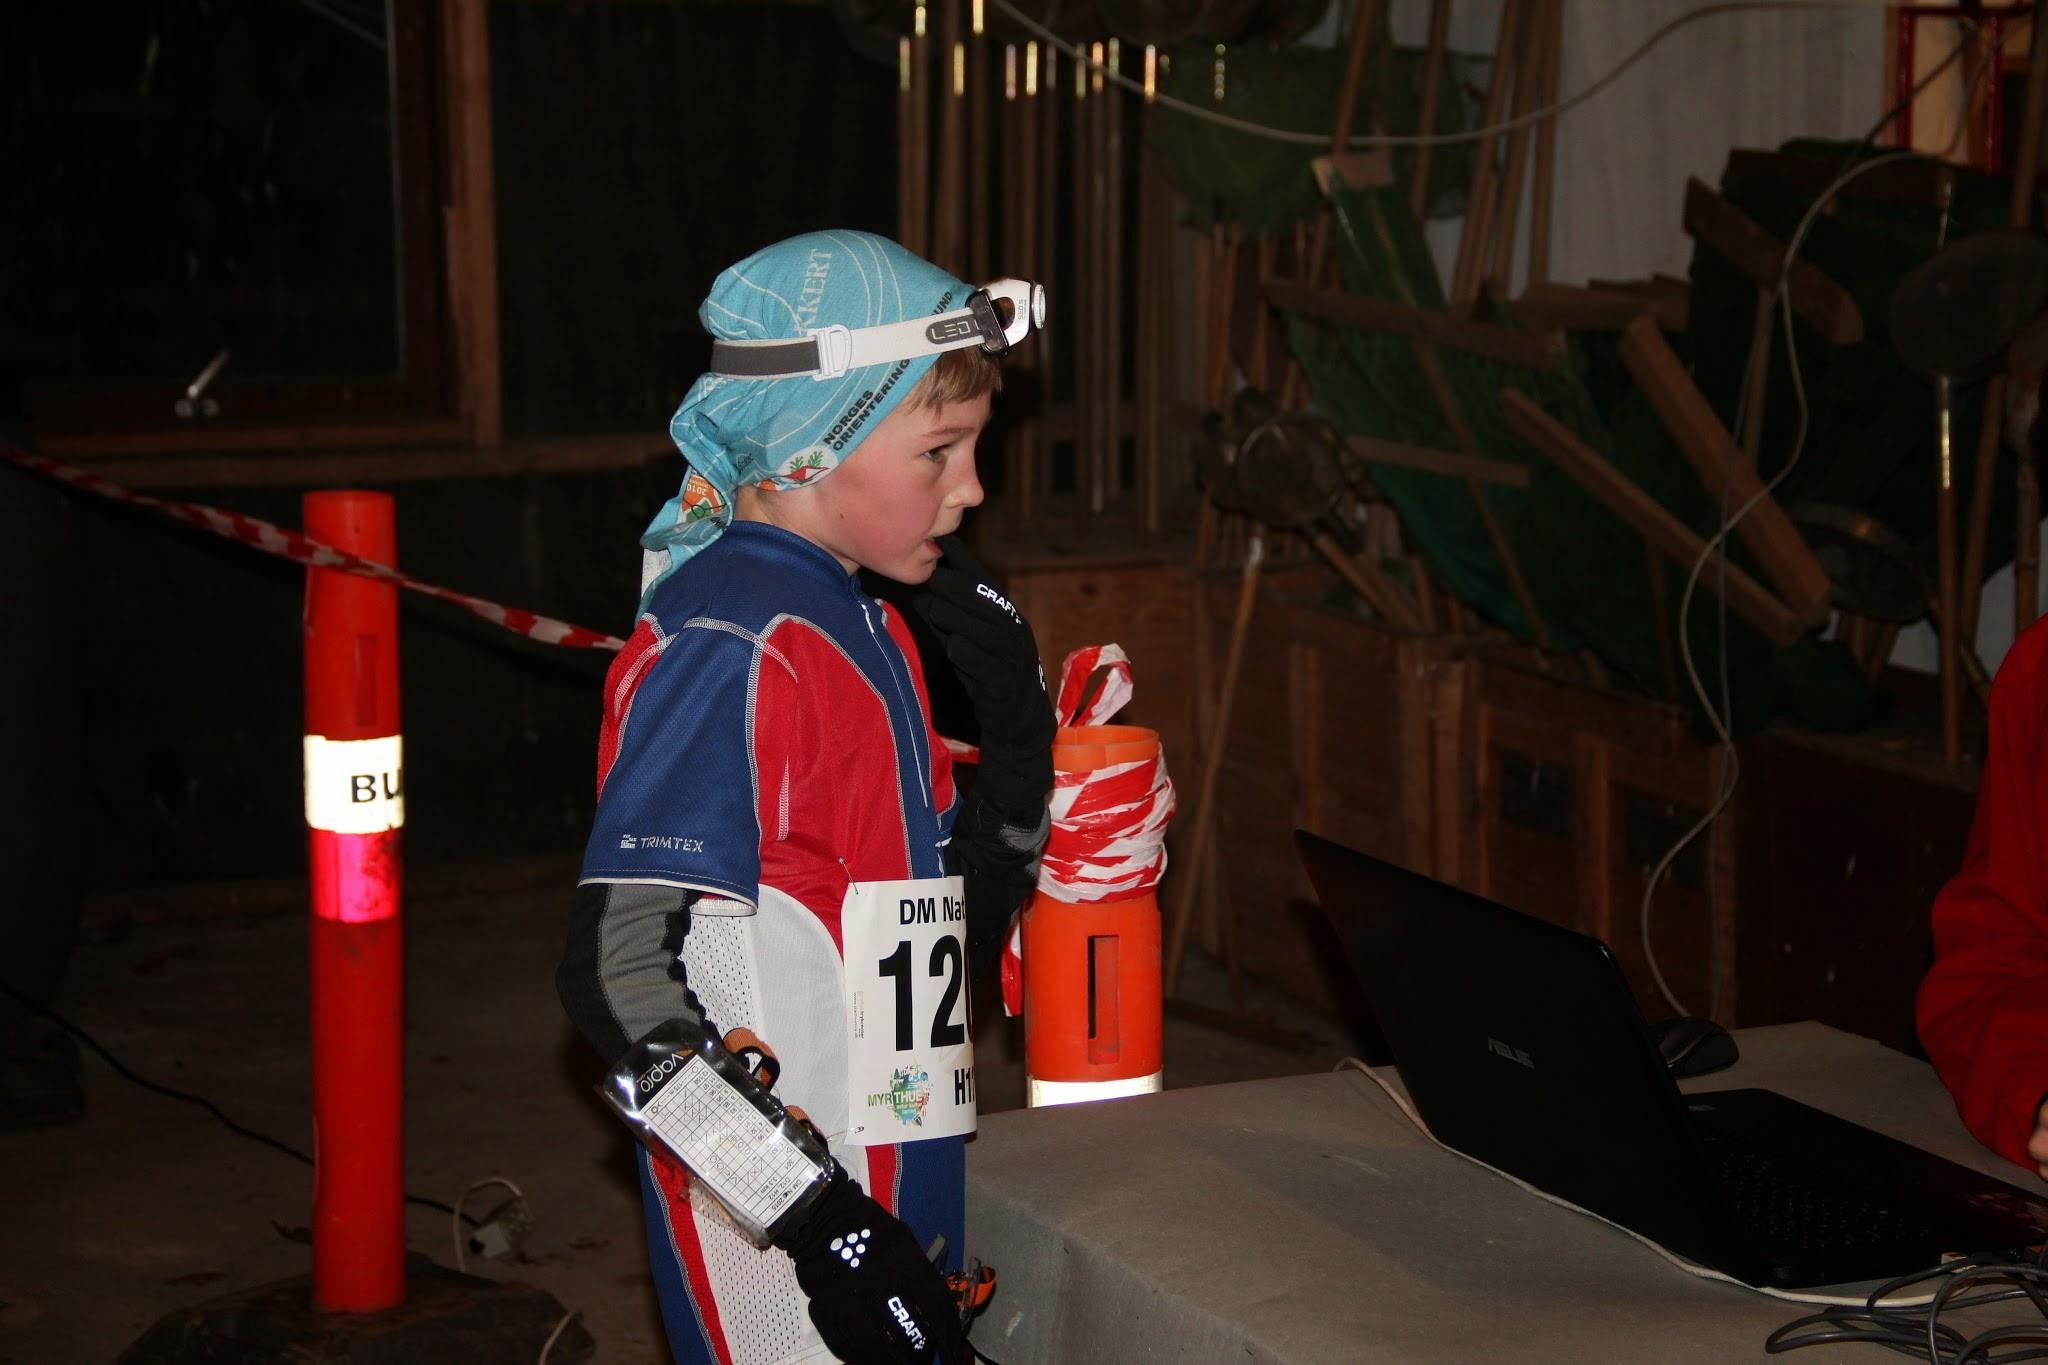 Jacob Klærke Mikkelsen løber i mål til en guldmedalje ved DM nat i Marbæk Plantage lørdag aften. (Foto: Esbjerg Orienteringsklub)